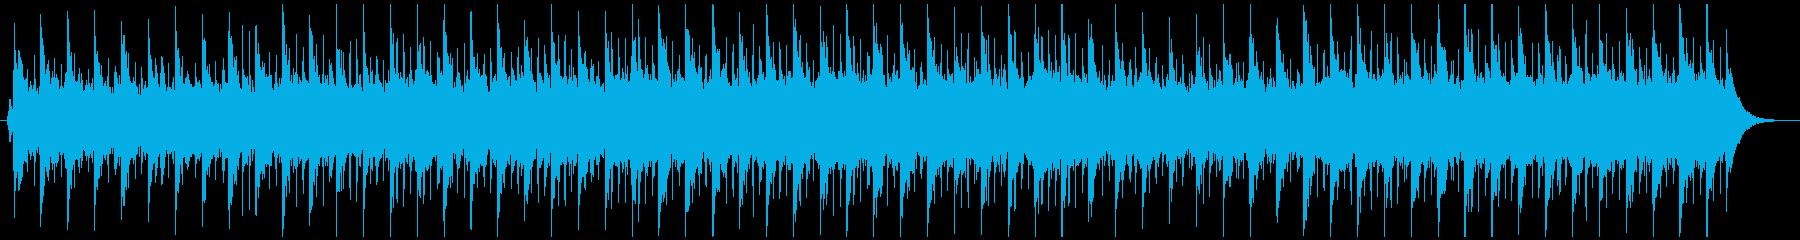 ソフトで穏やか/優しい/上品なゆったり曲の再生済みの波形